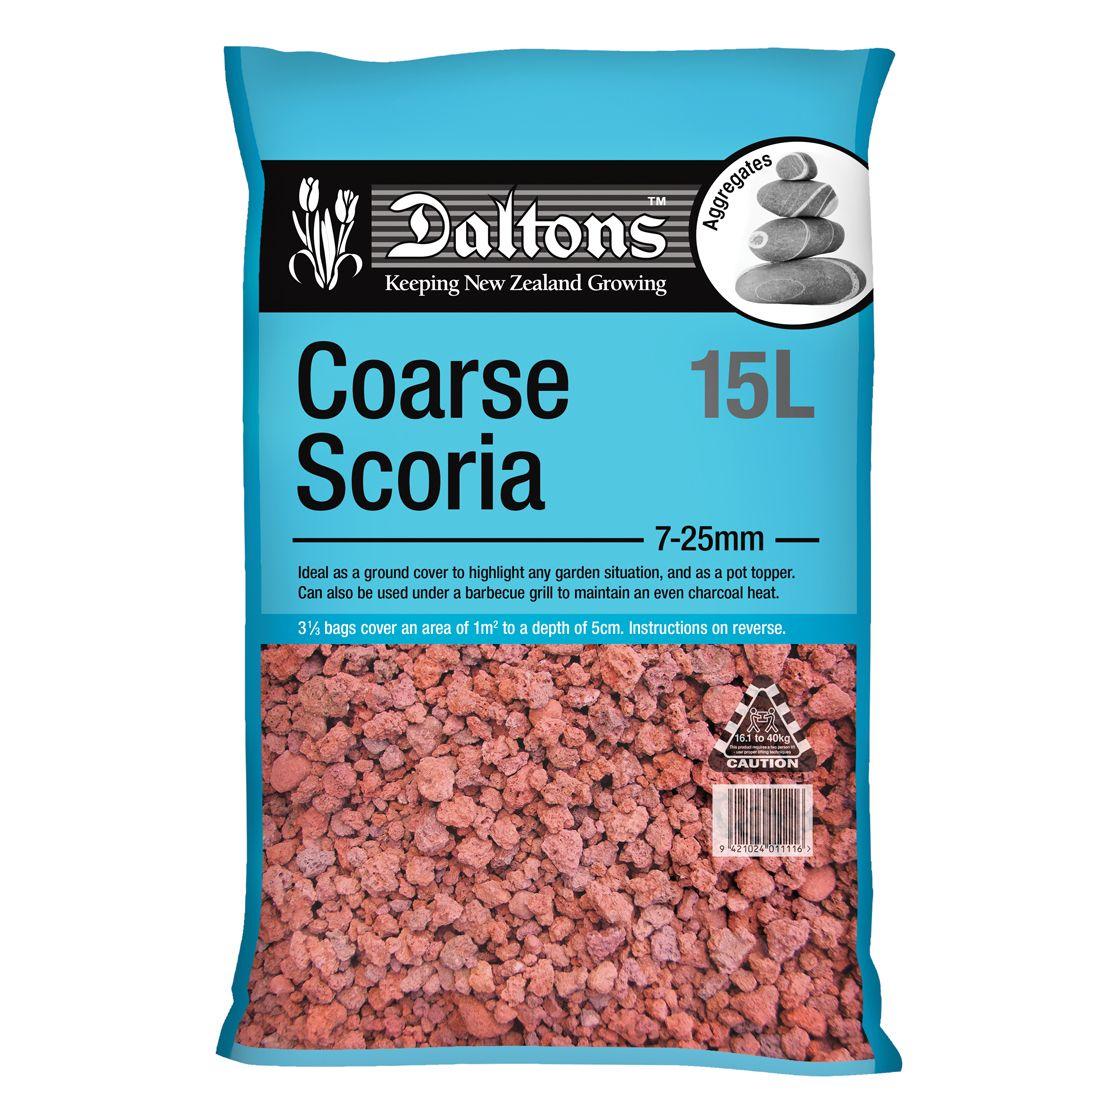 Coarse Scoria 15L Bag